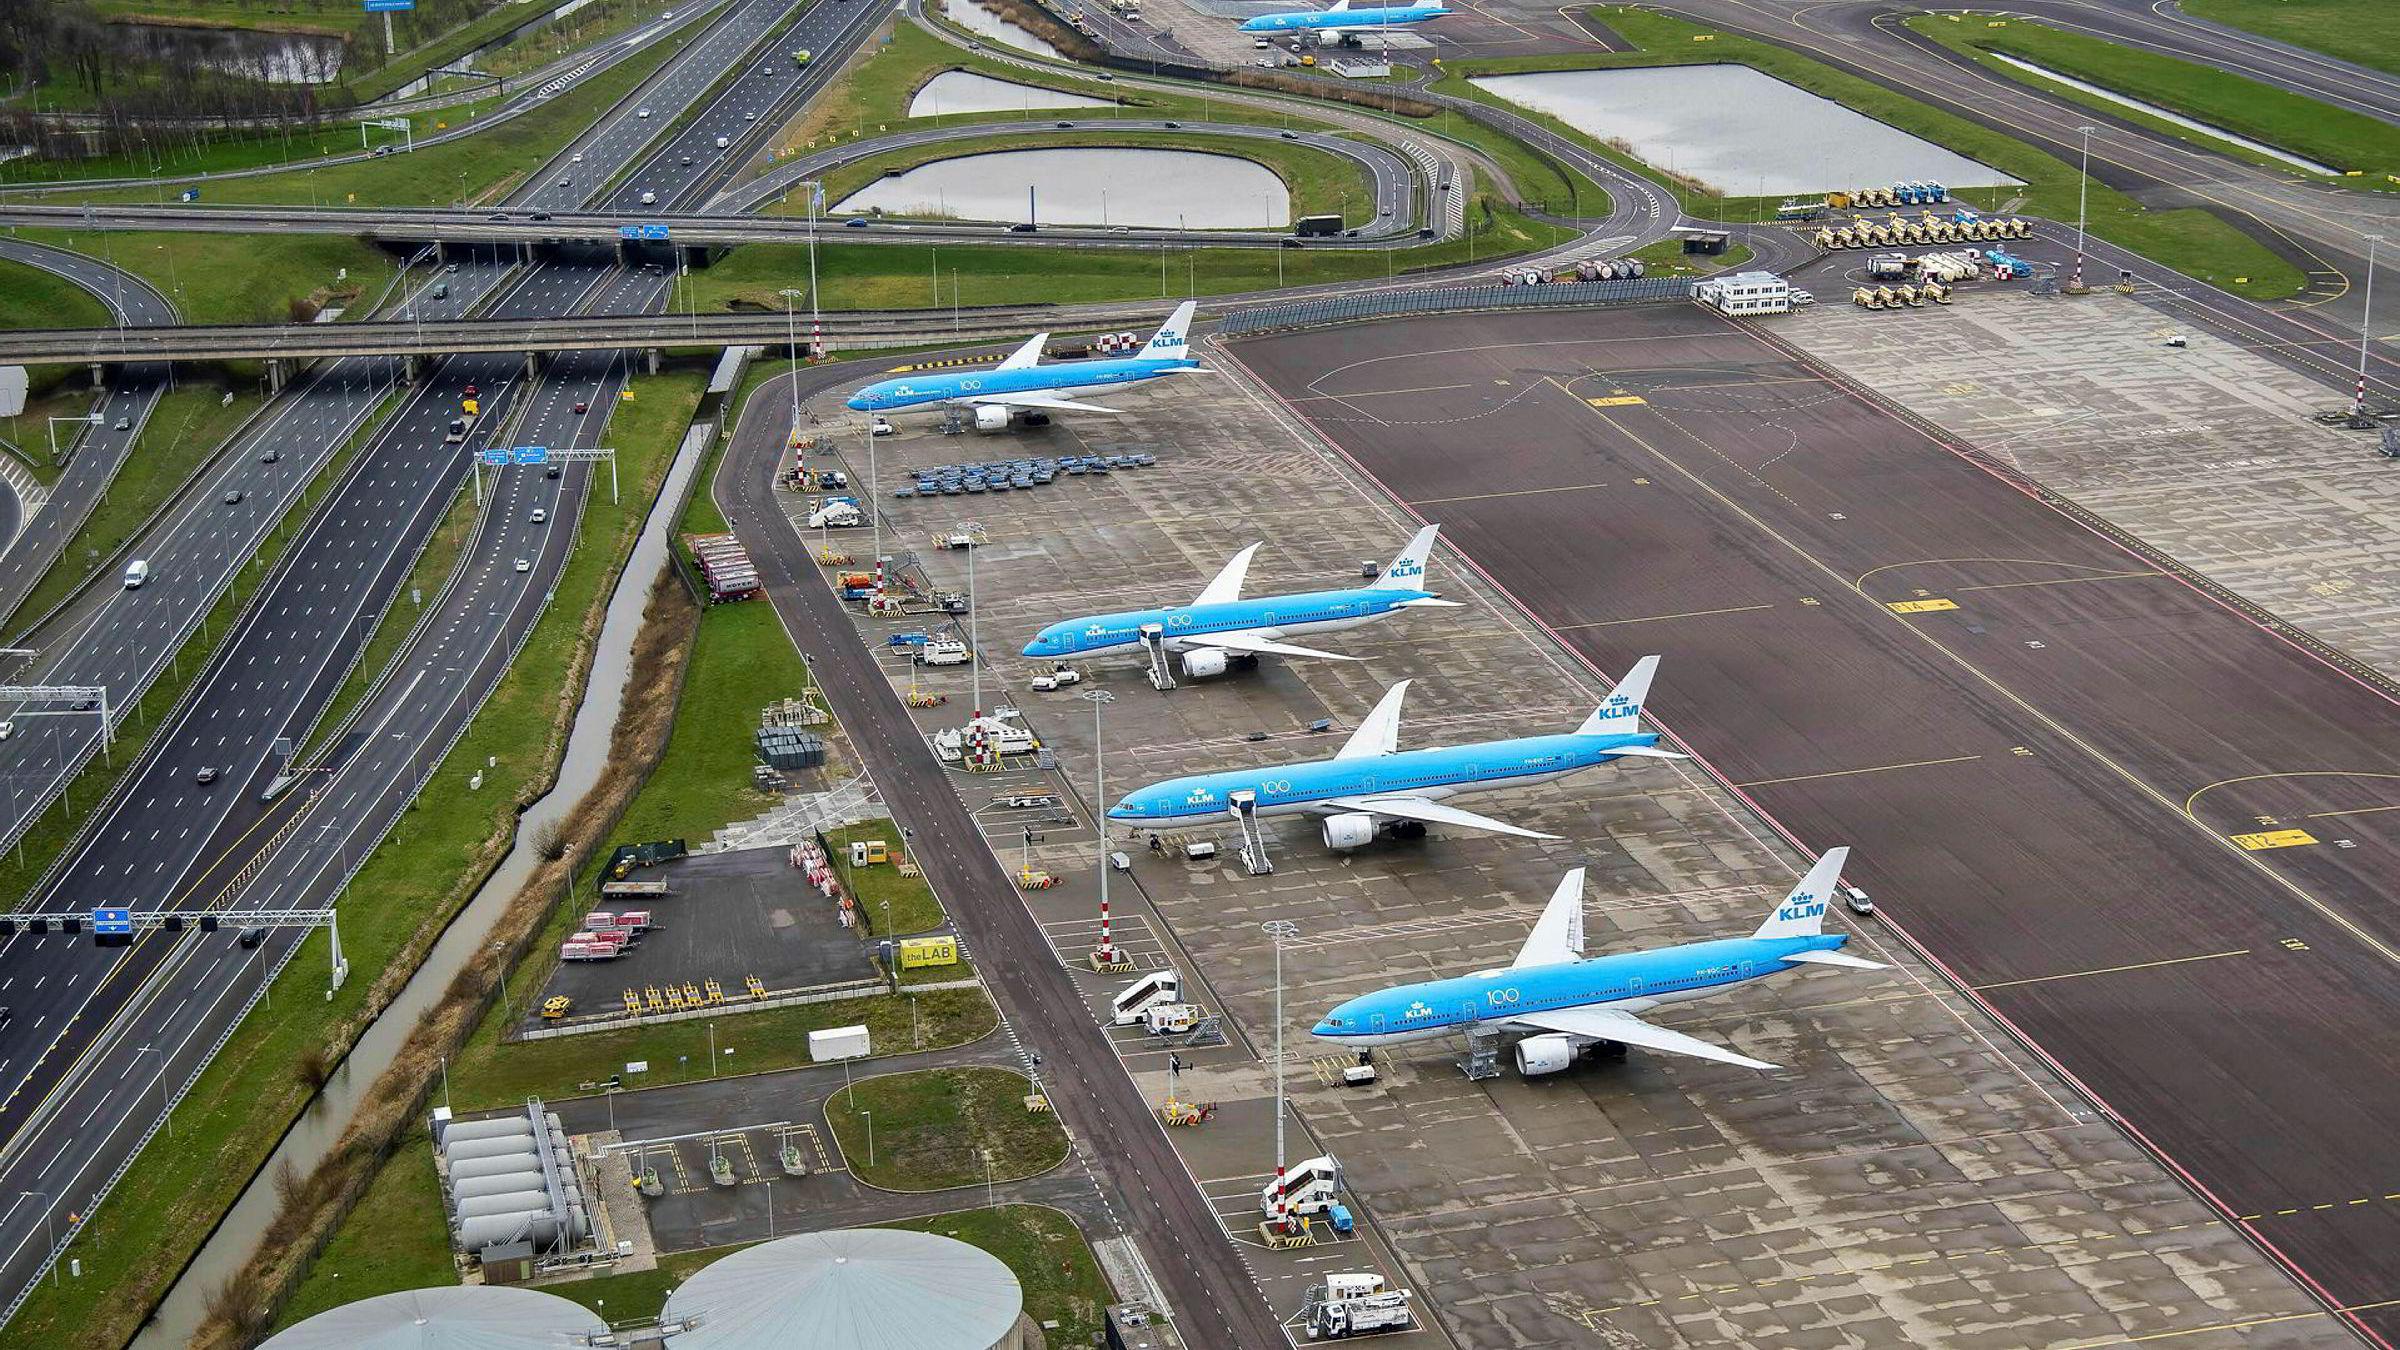 Både Virke og flere reisebyråer reagerer kraftig på at blant andre KLM og Air France nå har strupt mulighetene for refusjon av billetter.